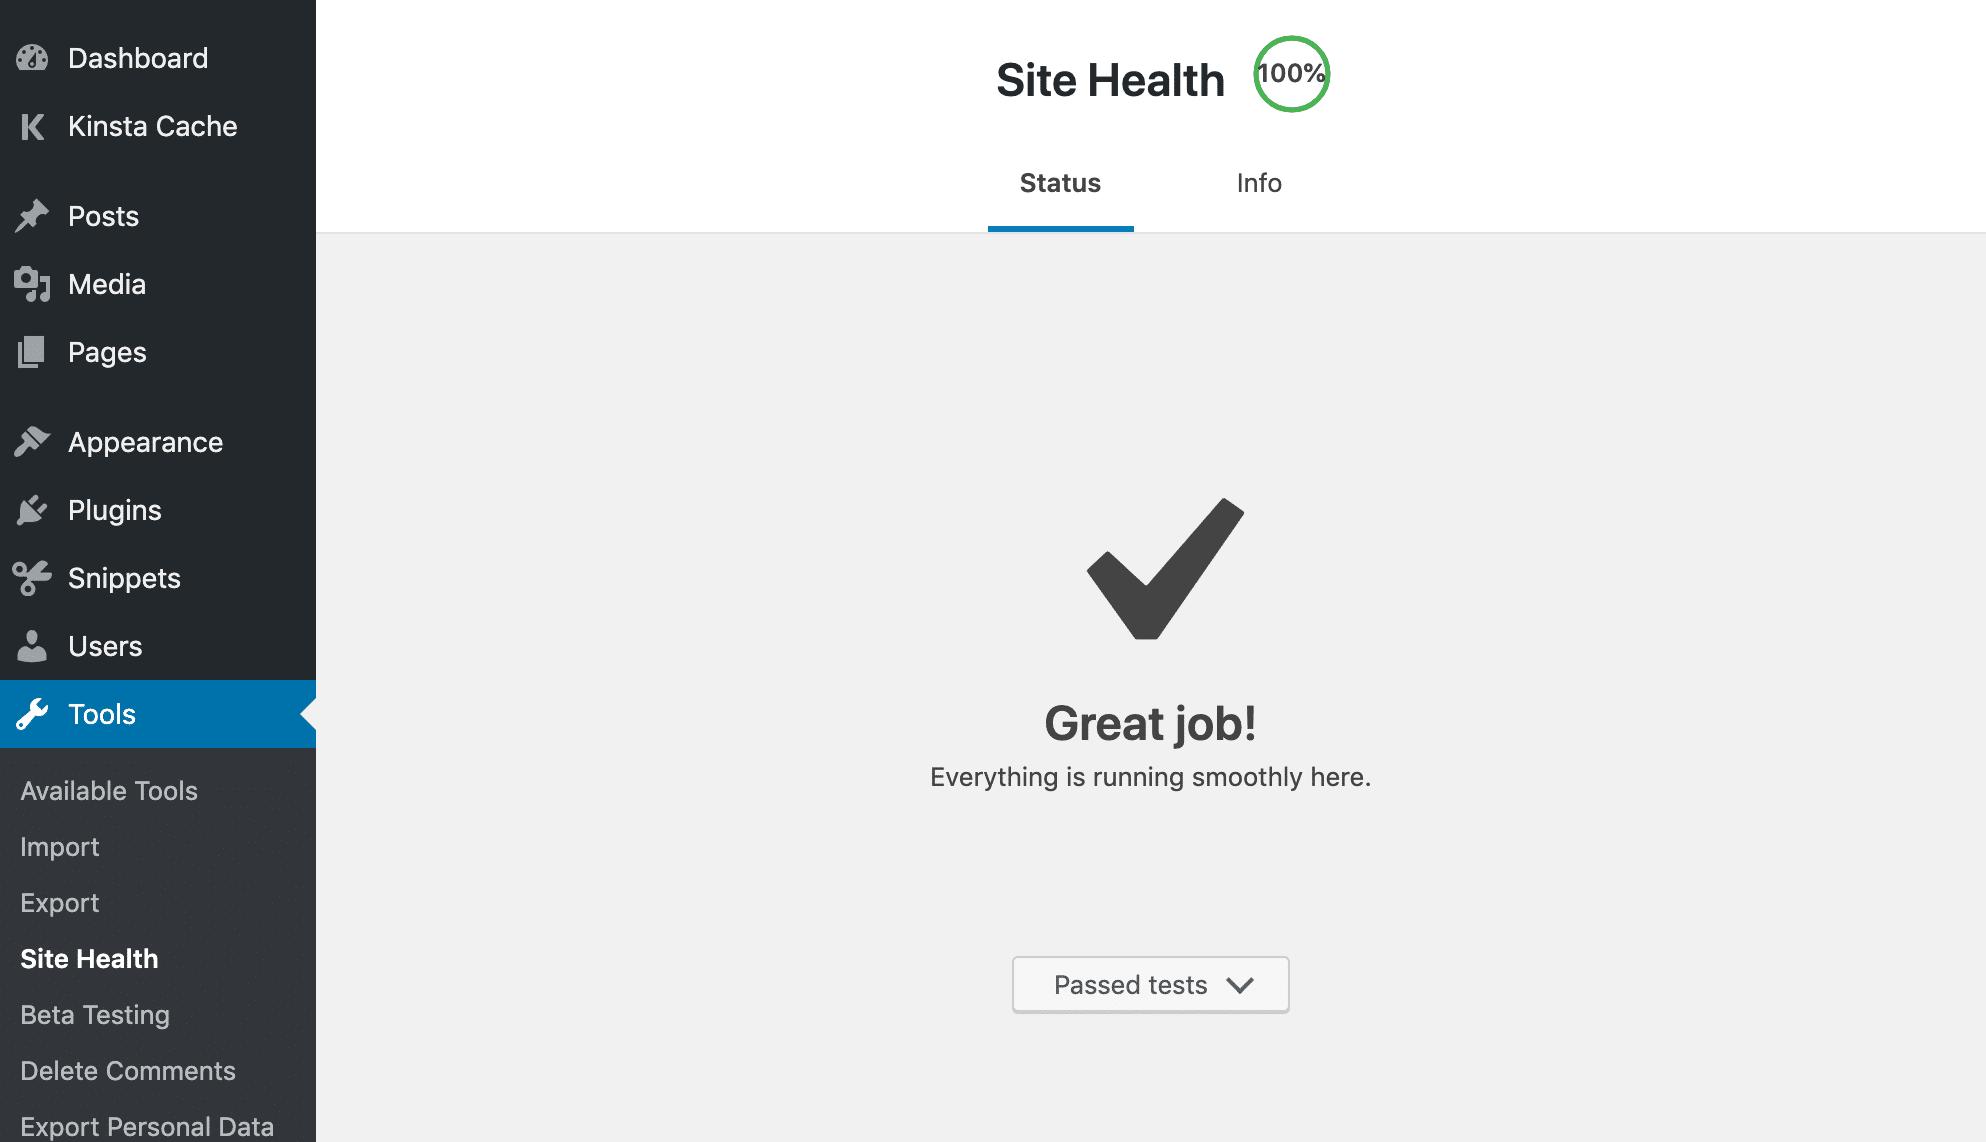 Site Health værktøj i WordPress - 100% score